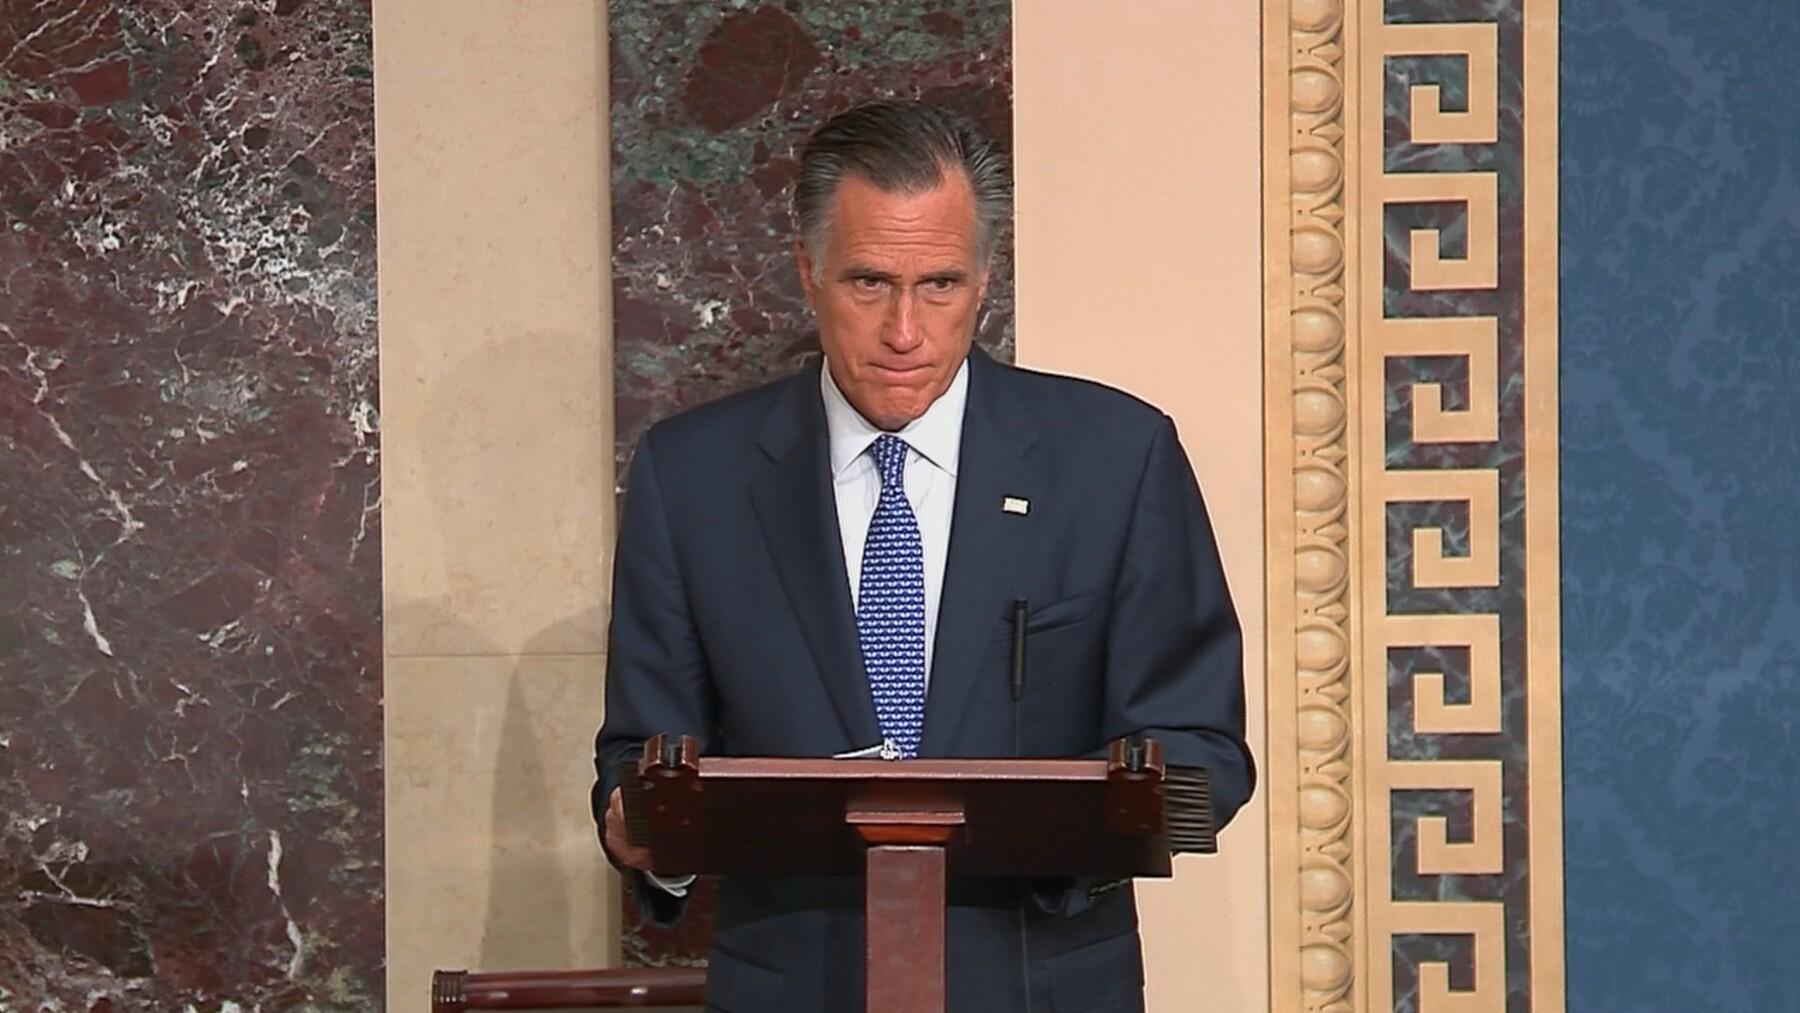 U.S. Senator Romney announces voting intentions in Trump impeachment trial during Senate debate at the U.S. Capitol in Washington